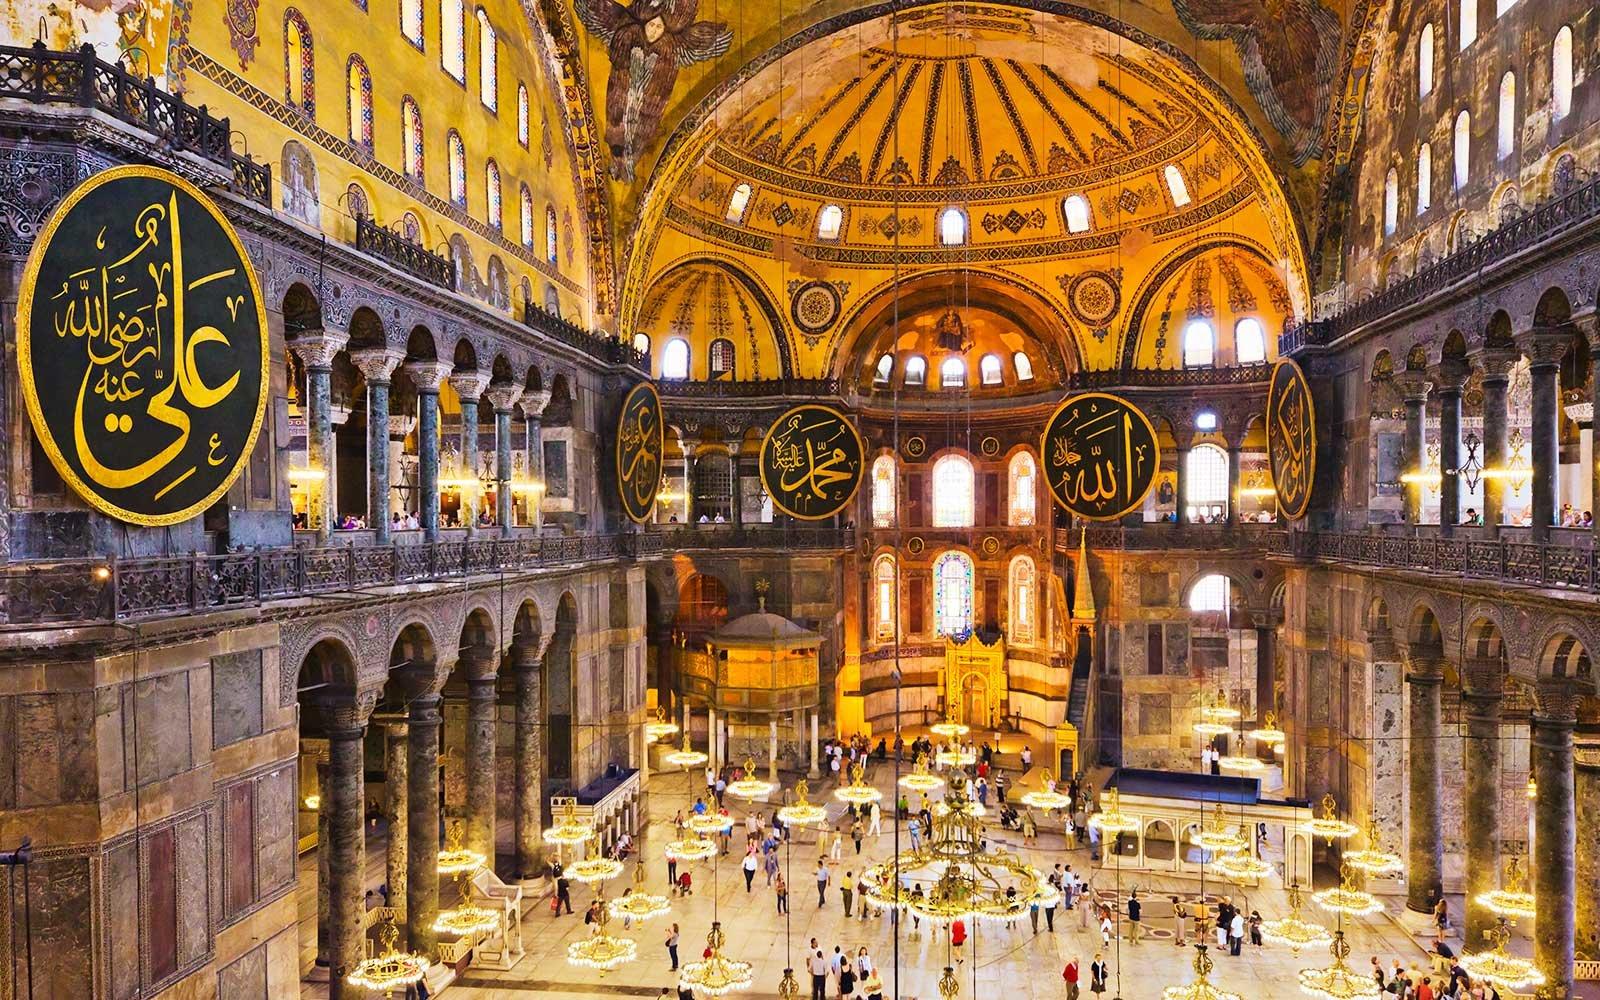 Secrets of the Hagia Sophia